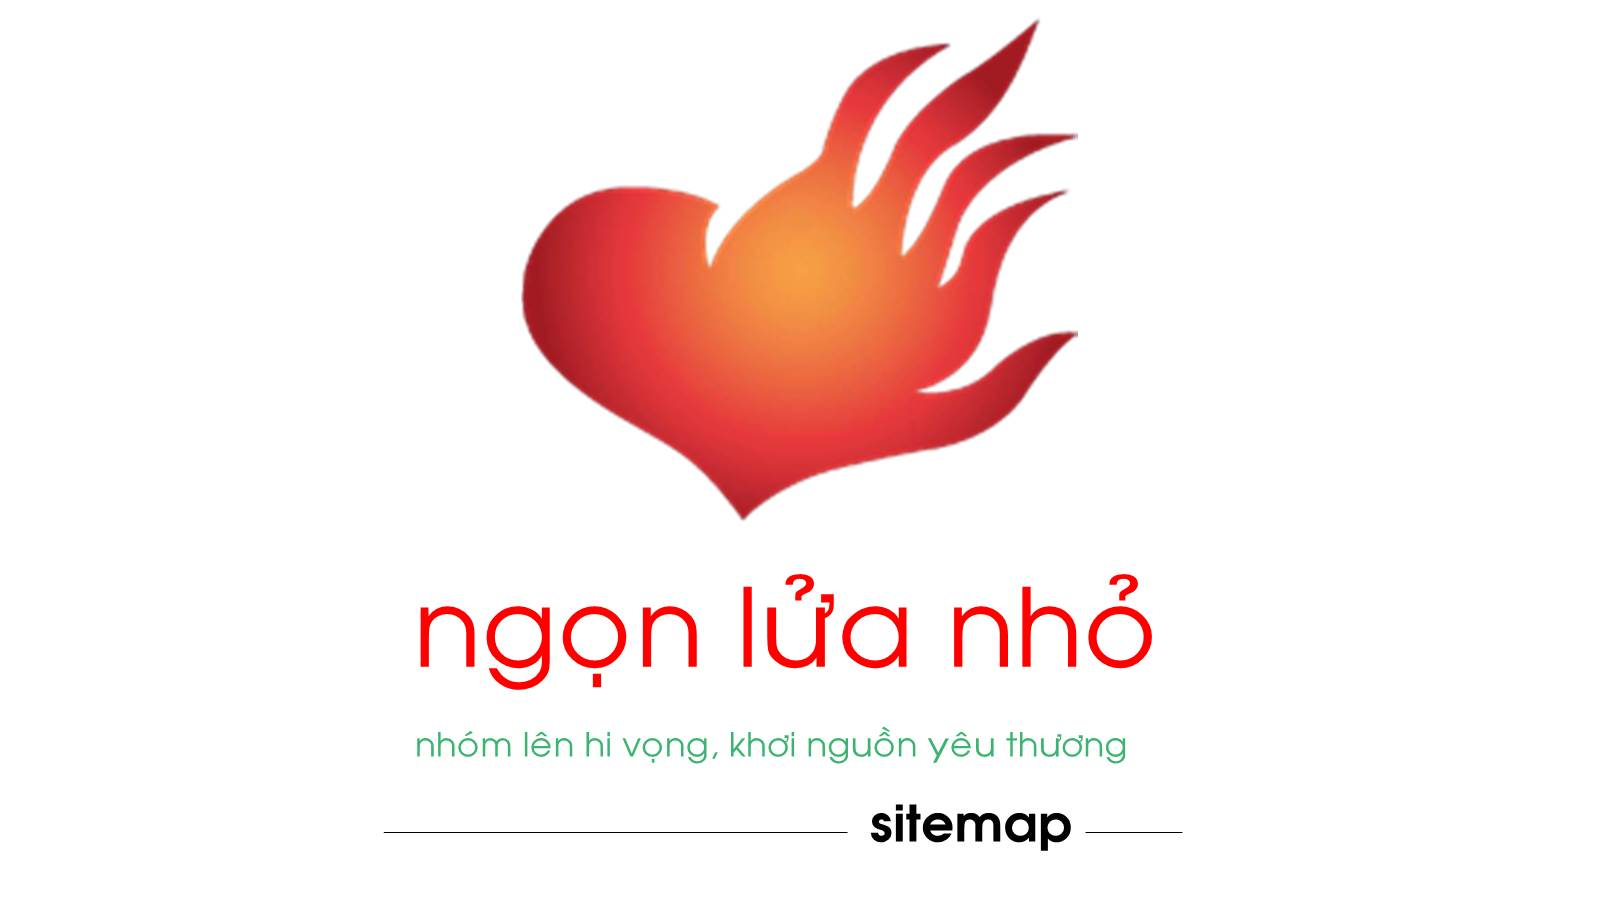 Nơi cập nhật toàn bộ bài viết của www.ngonluanho.net